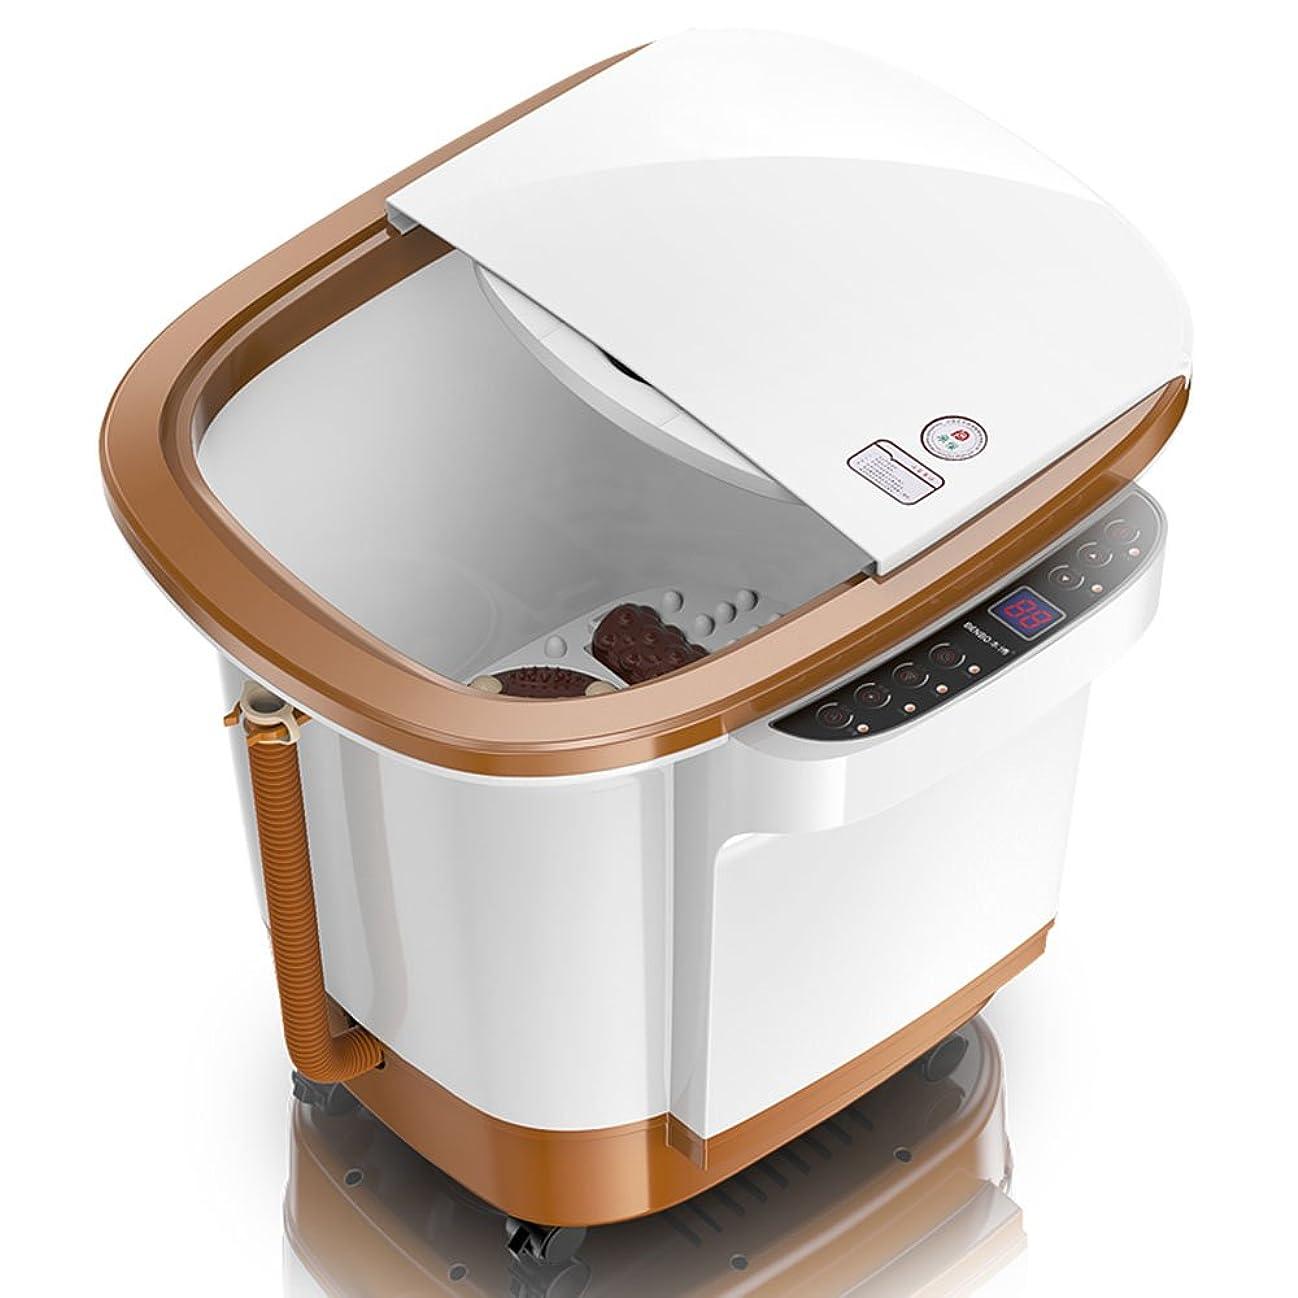 杖前提エレクトロニックZHANGRONG- 足浴槽 自動ラッシュ ウェーブマッサージフットバス 電気の 暖房足湯 ディープバレルマシン フットバス 一定温度